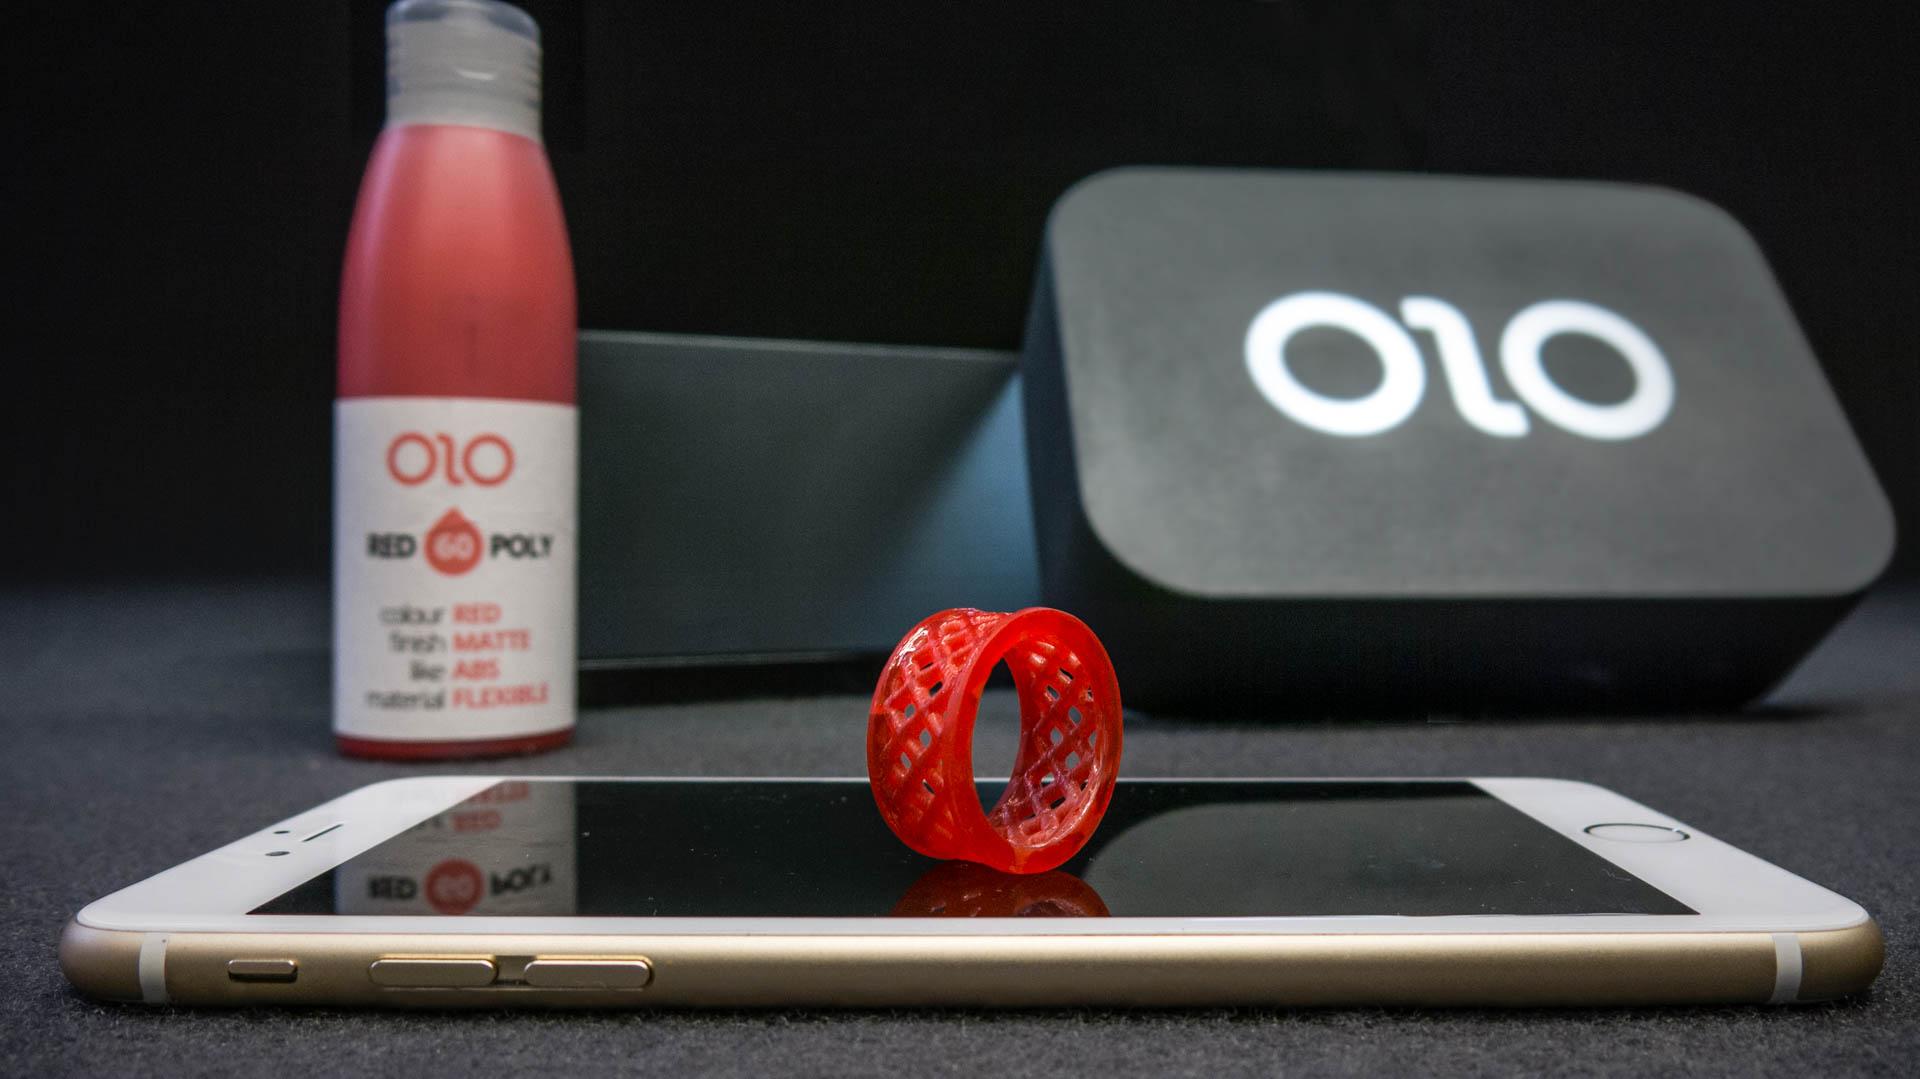 OLOののバッカーがOLO創業者フィリッポ・モローニの釈明メールを公開